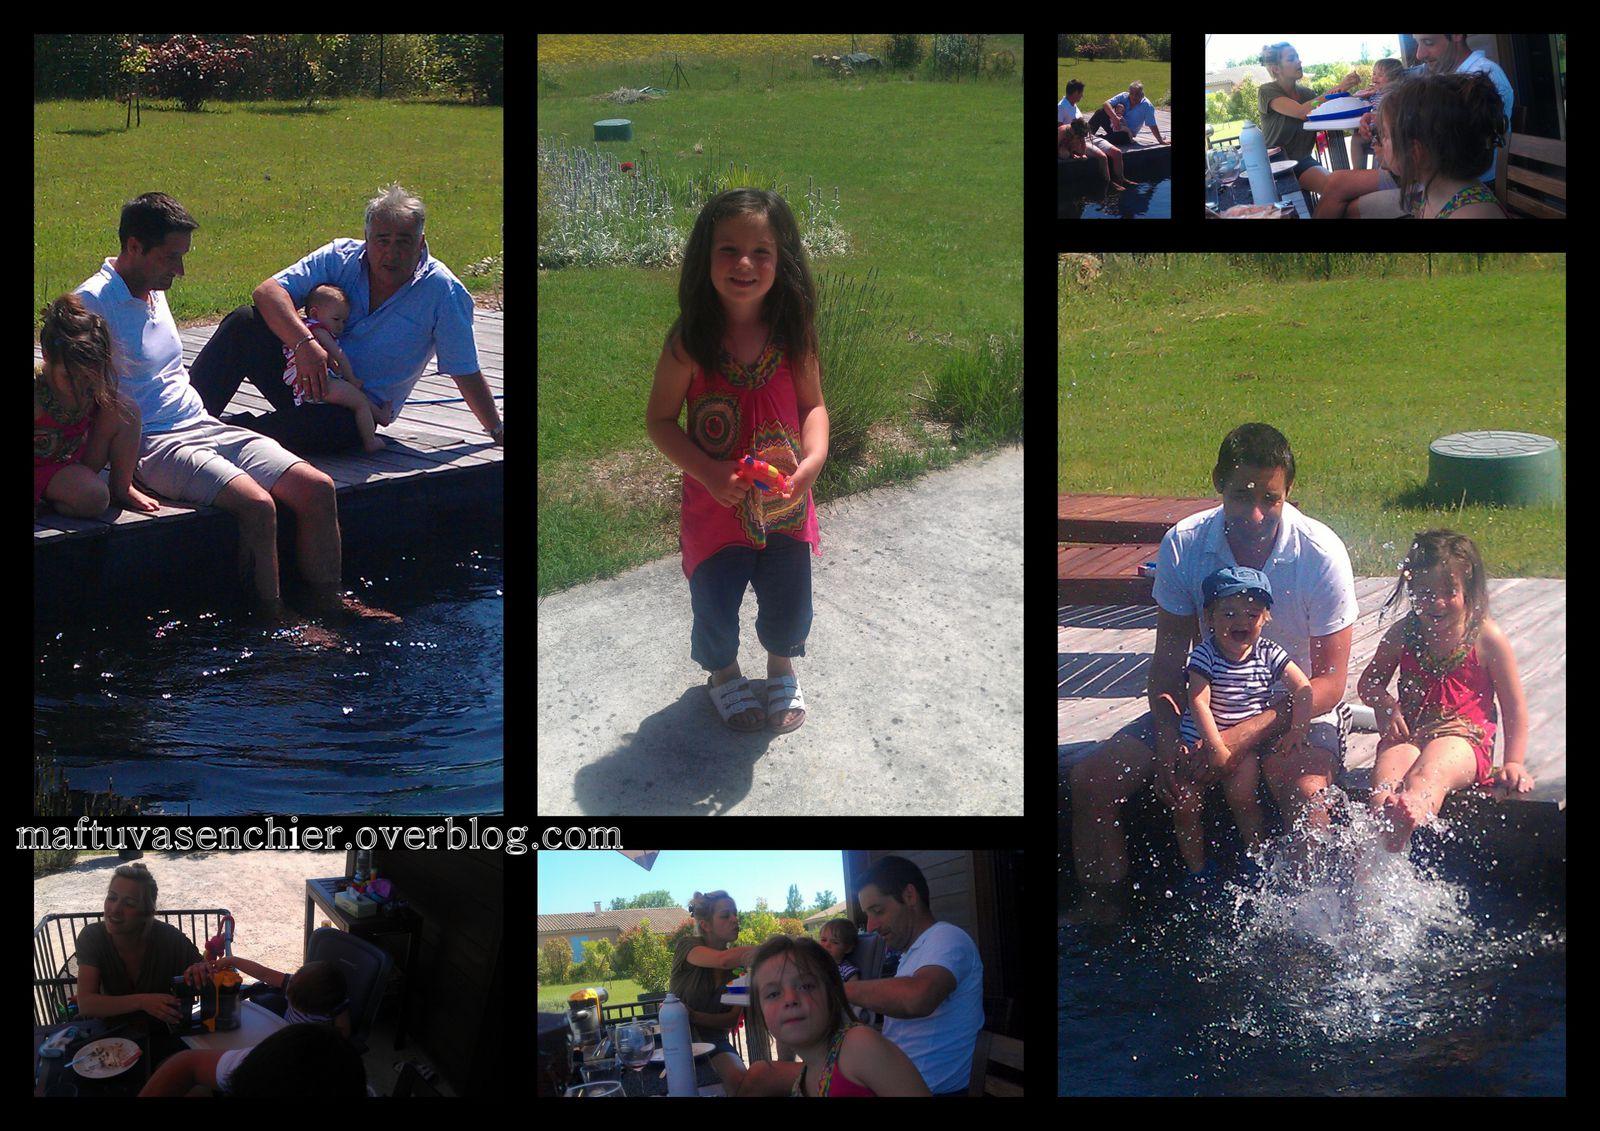 """la """"petite"""" famille, la belle-soeur, le beauf, le neveu, Malili et beau-papa. Du soleil, une piscine, de la bonne humeur,... elle est belle la vie parfois."""